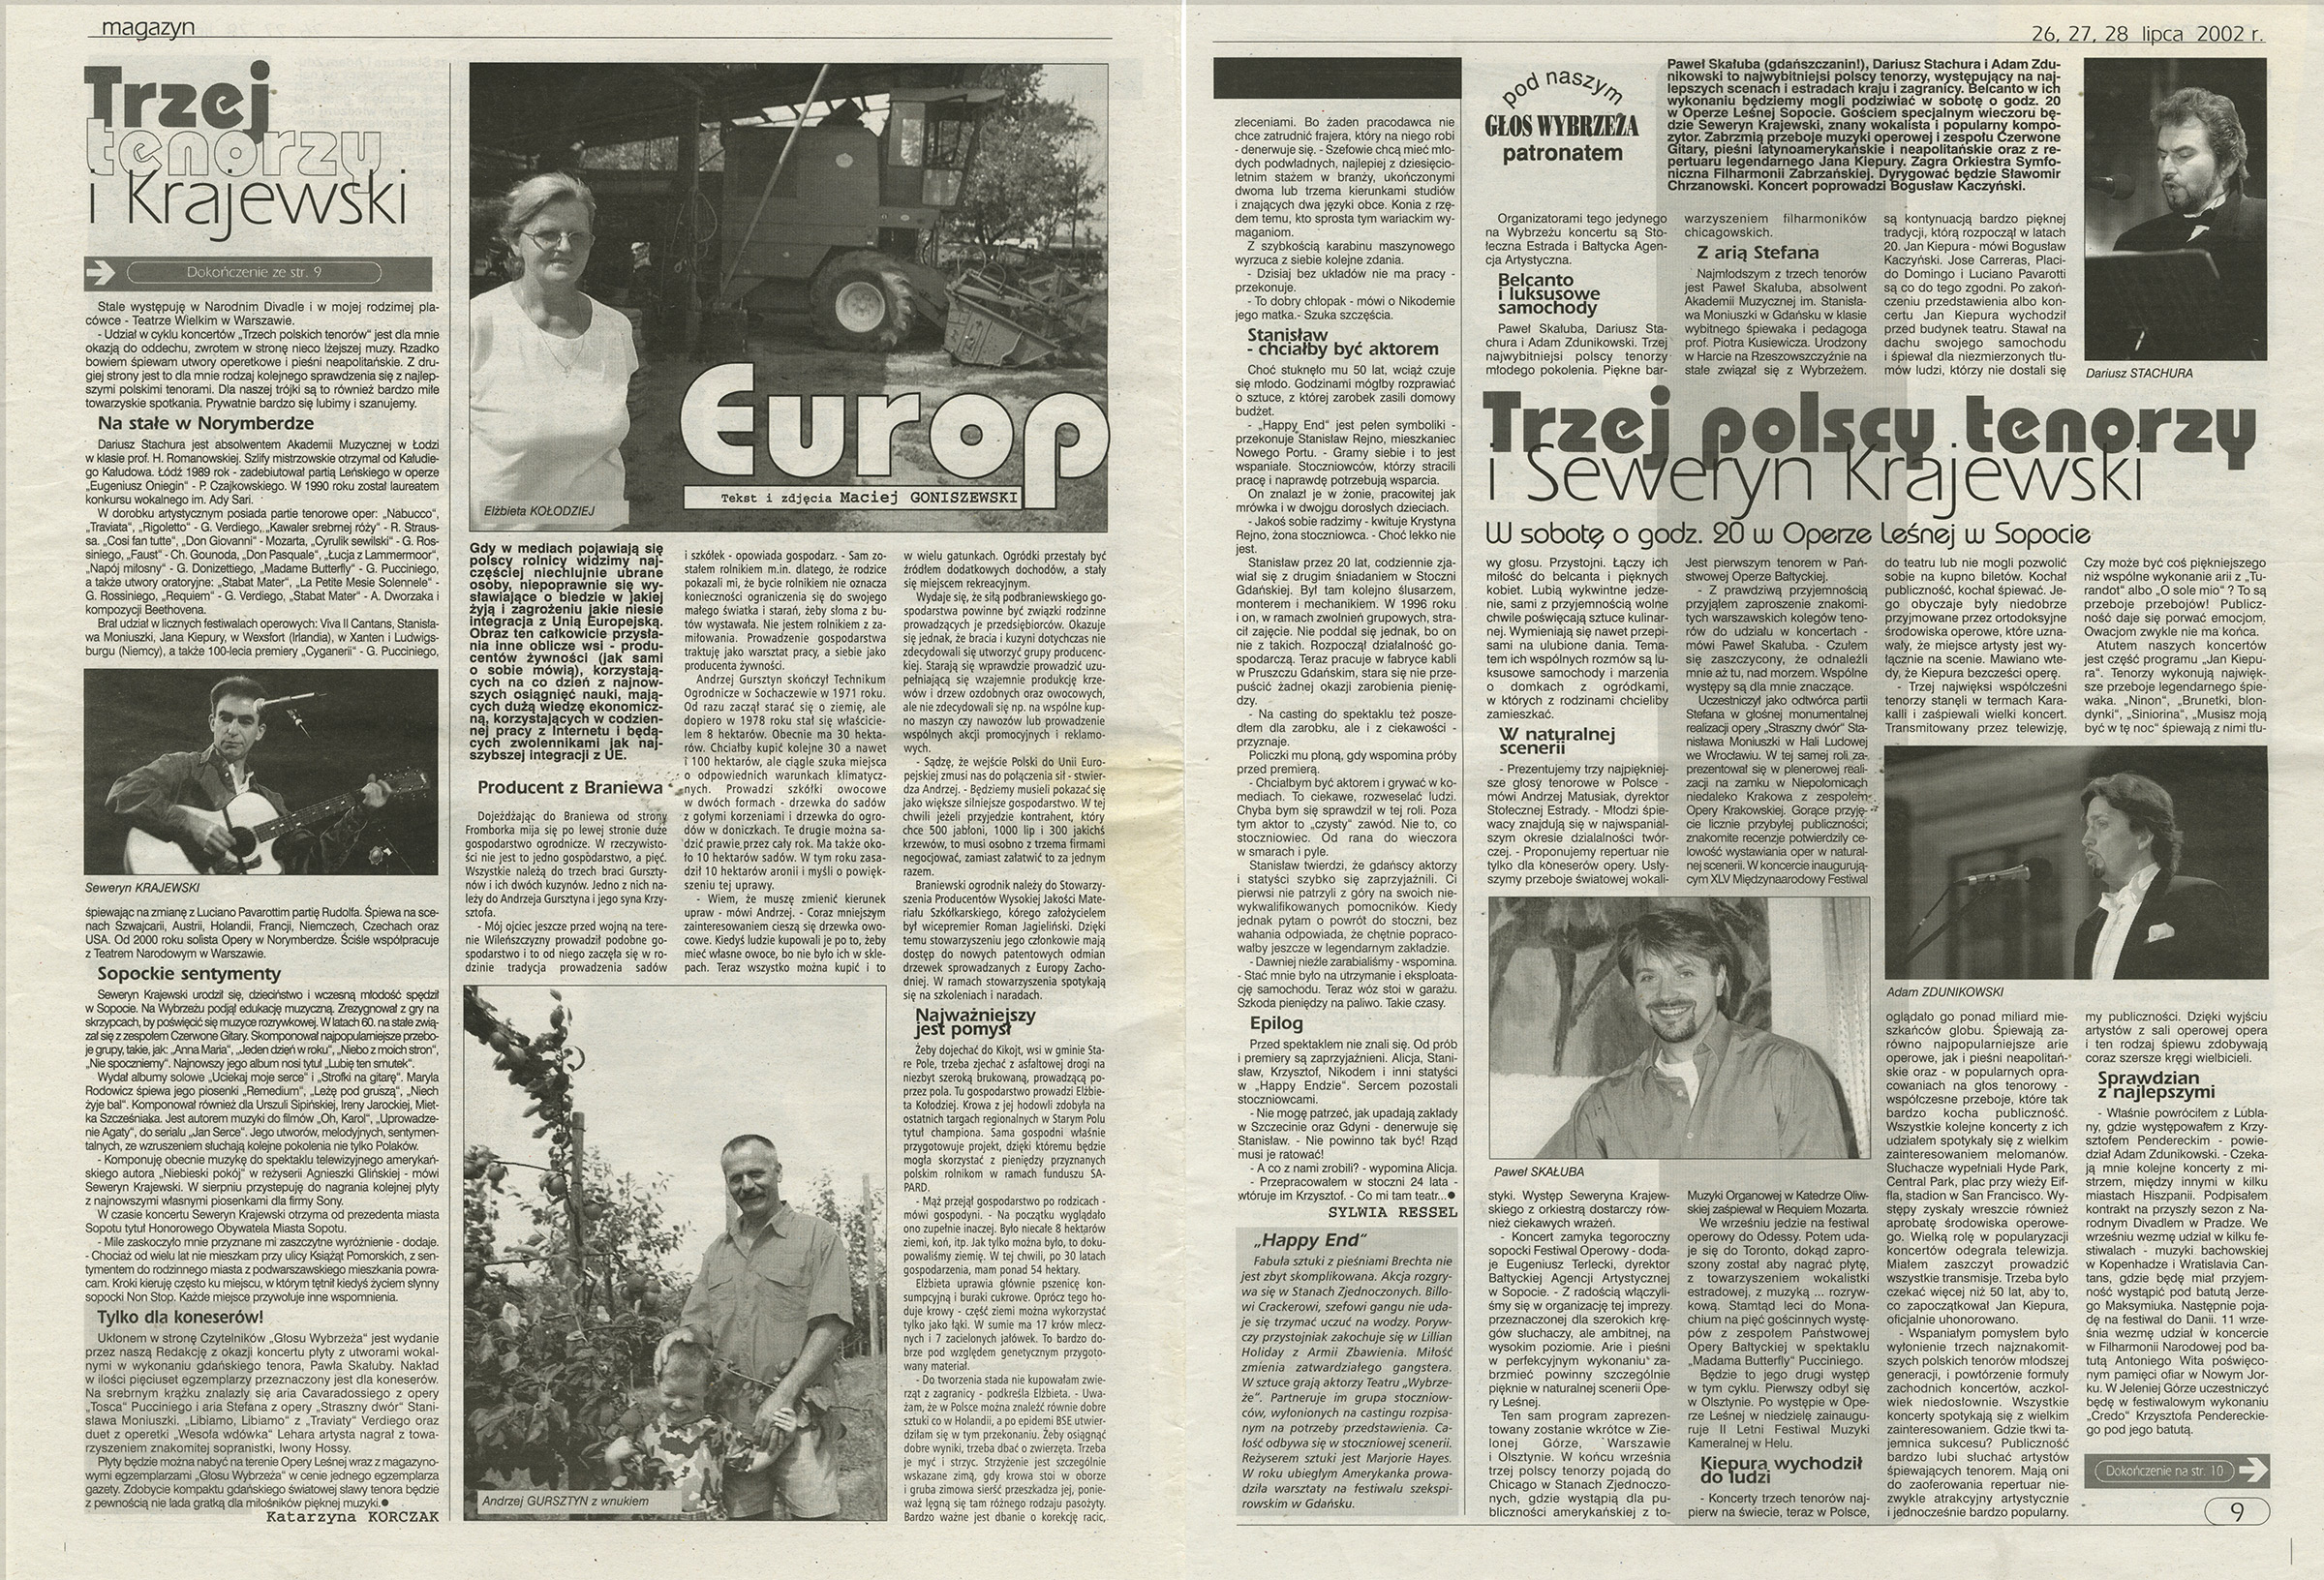 1991-2003-Glos_Wybrzeza_2002_Trzej_polscy_tenorzy_i_SK_1